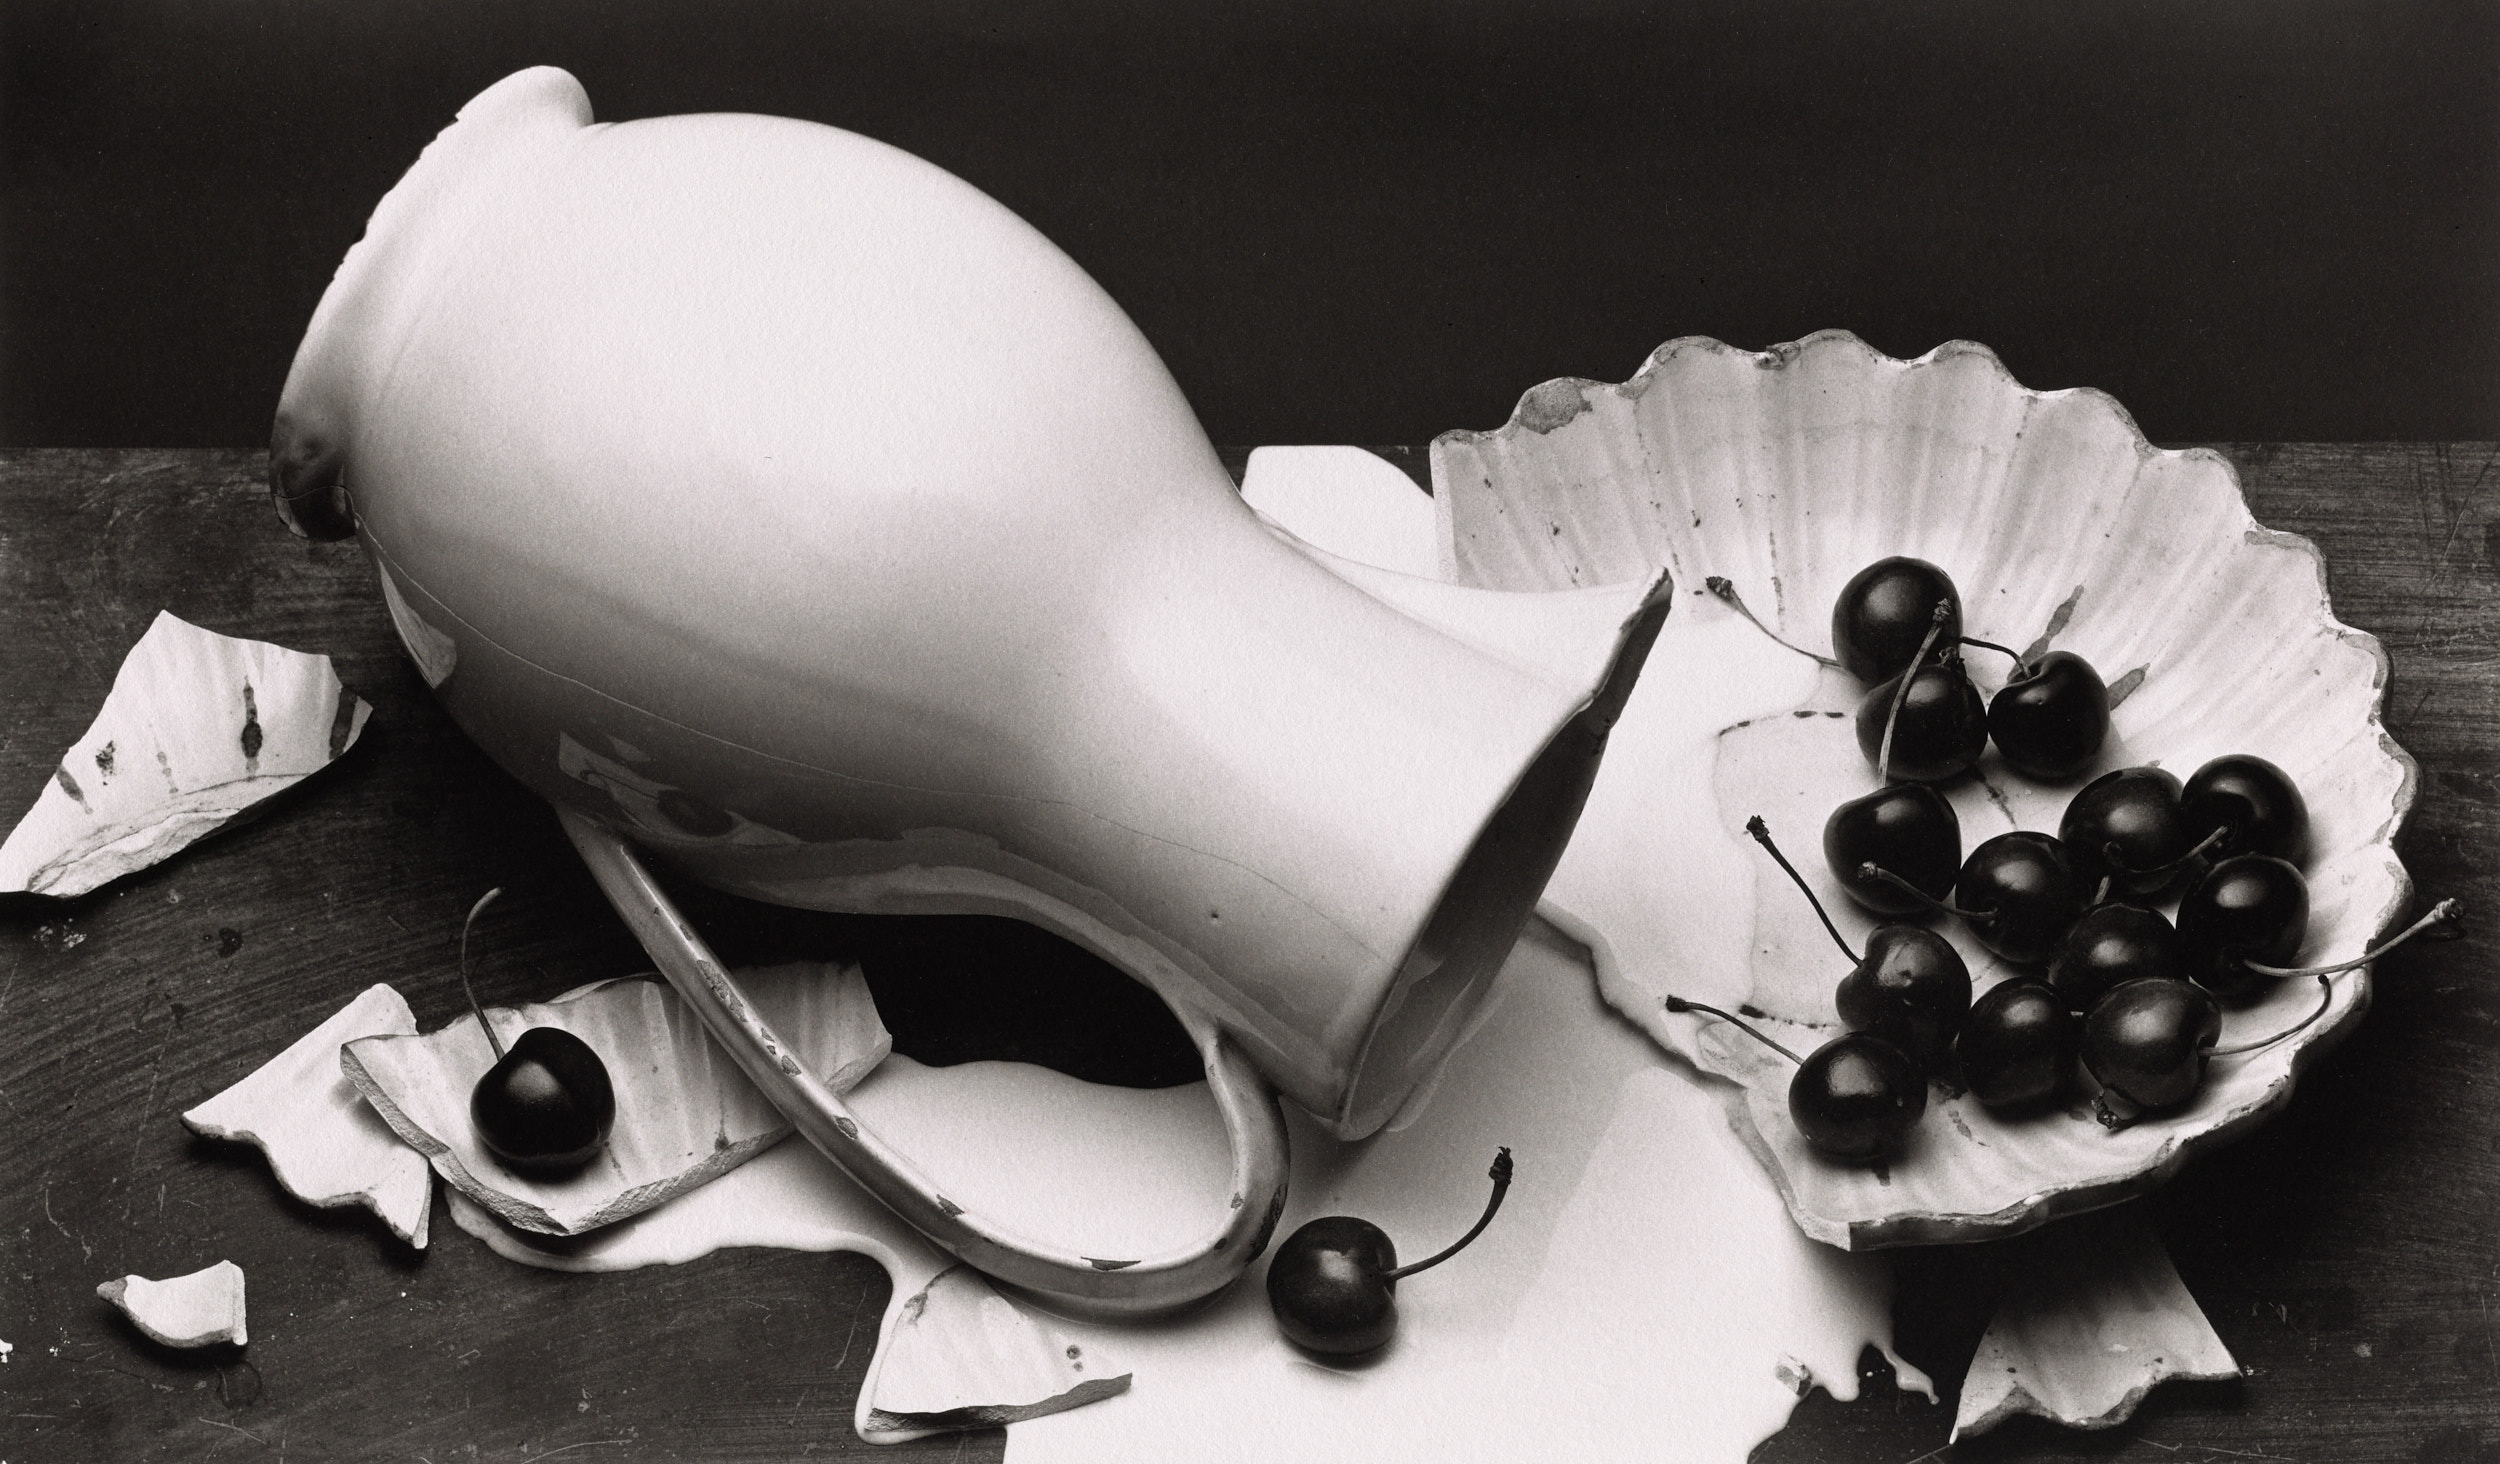 Irving Penn,  The Spilled Cream , New York, 1980 © The Irving Penn Foundation